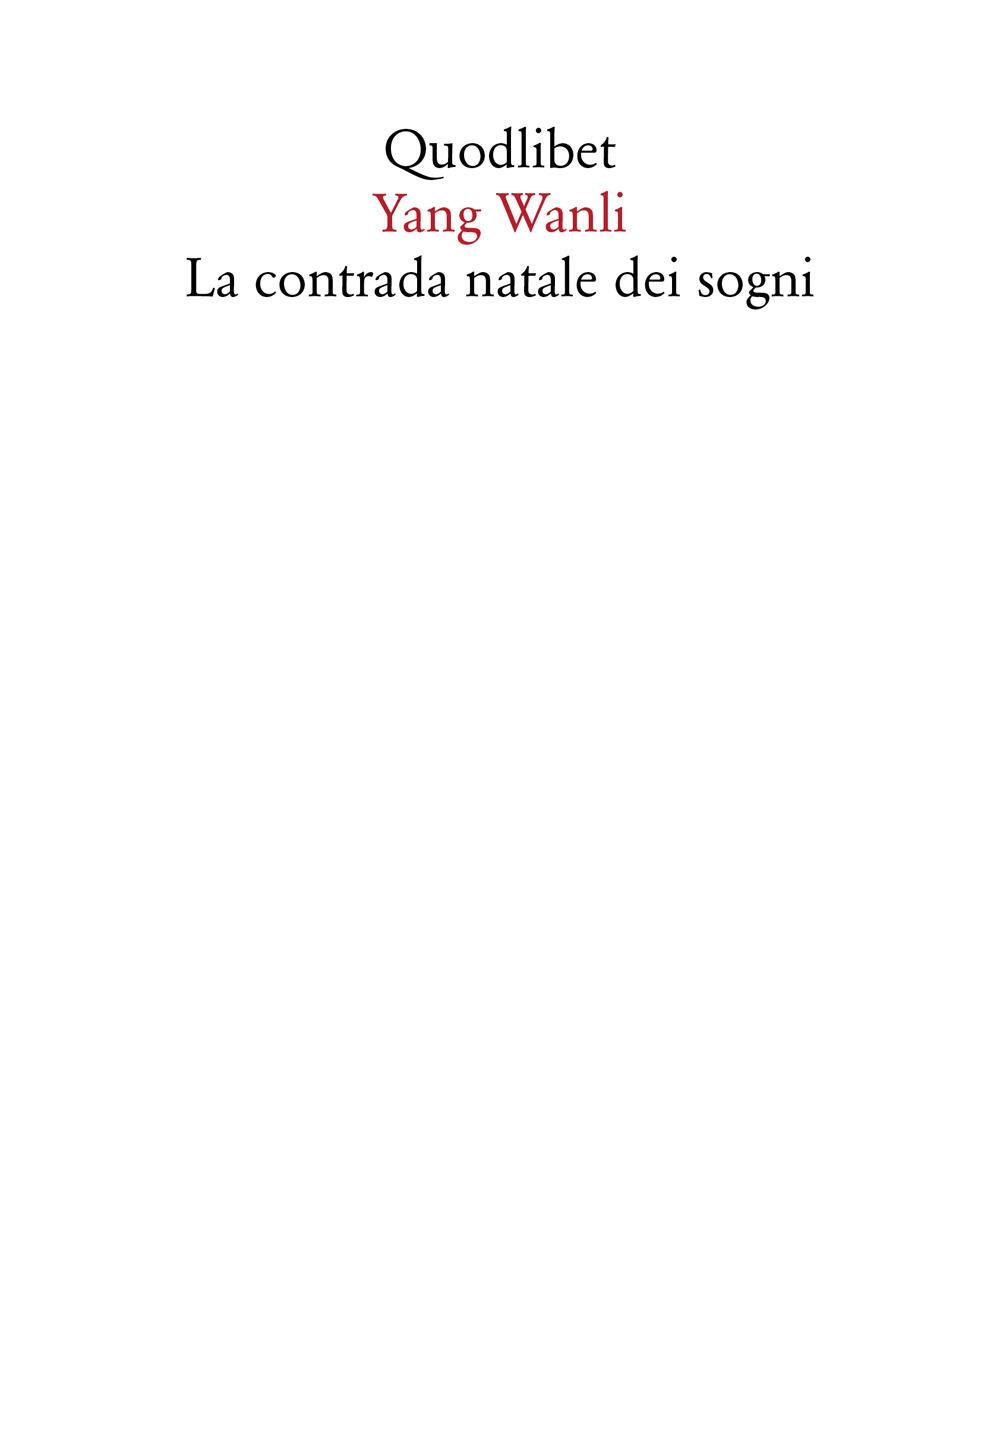 CONTRADA NATALE DEI SOGNI. UN'ANTOLOGIA. TESTO CINESE A FRONTE (LA) - Yang Wanli; Morelli P. (cur.) - 9788822904997